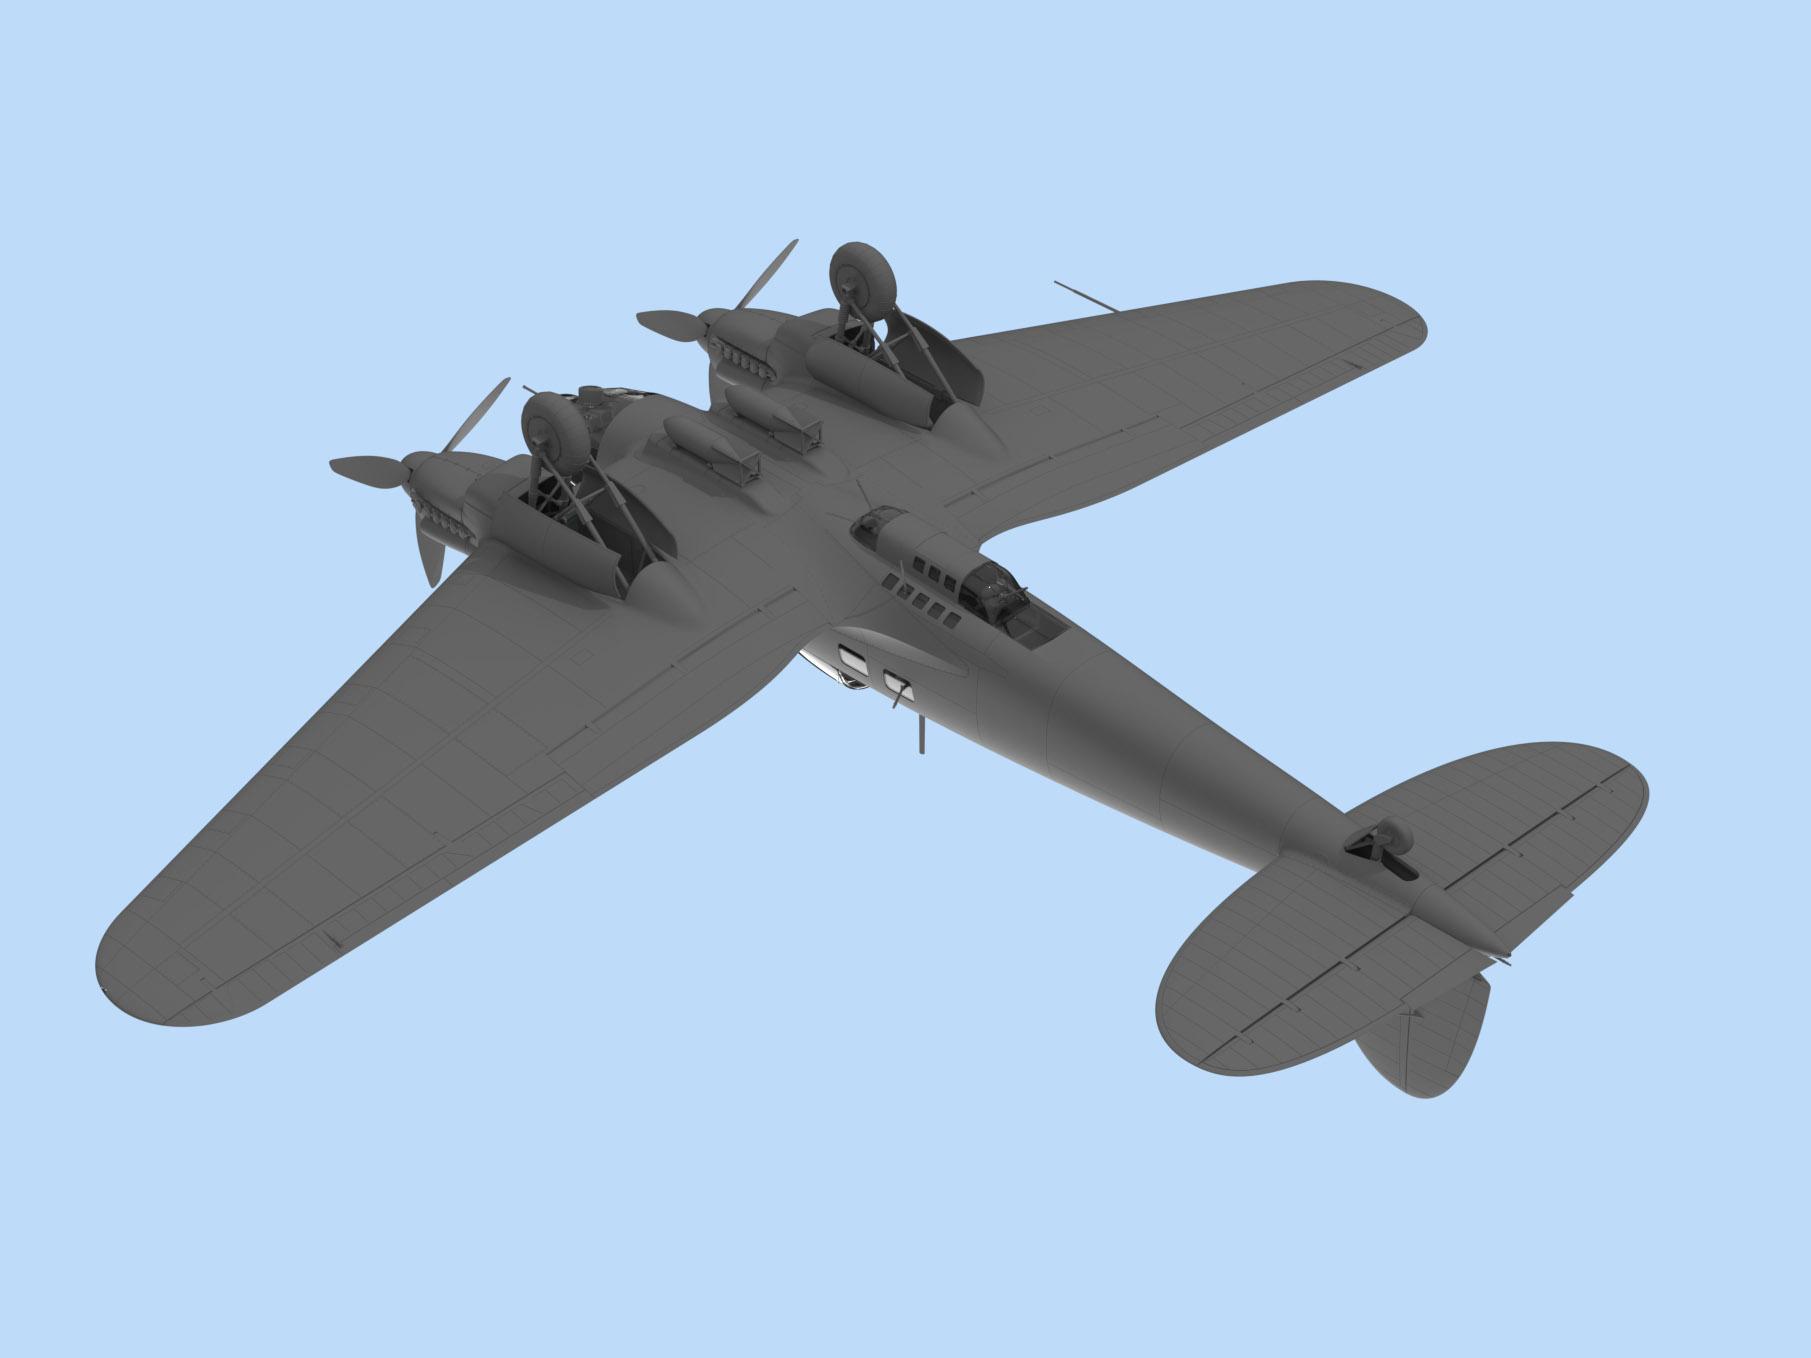 1519716493_heinkel-111-h6-render-5